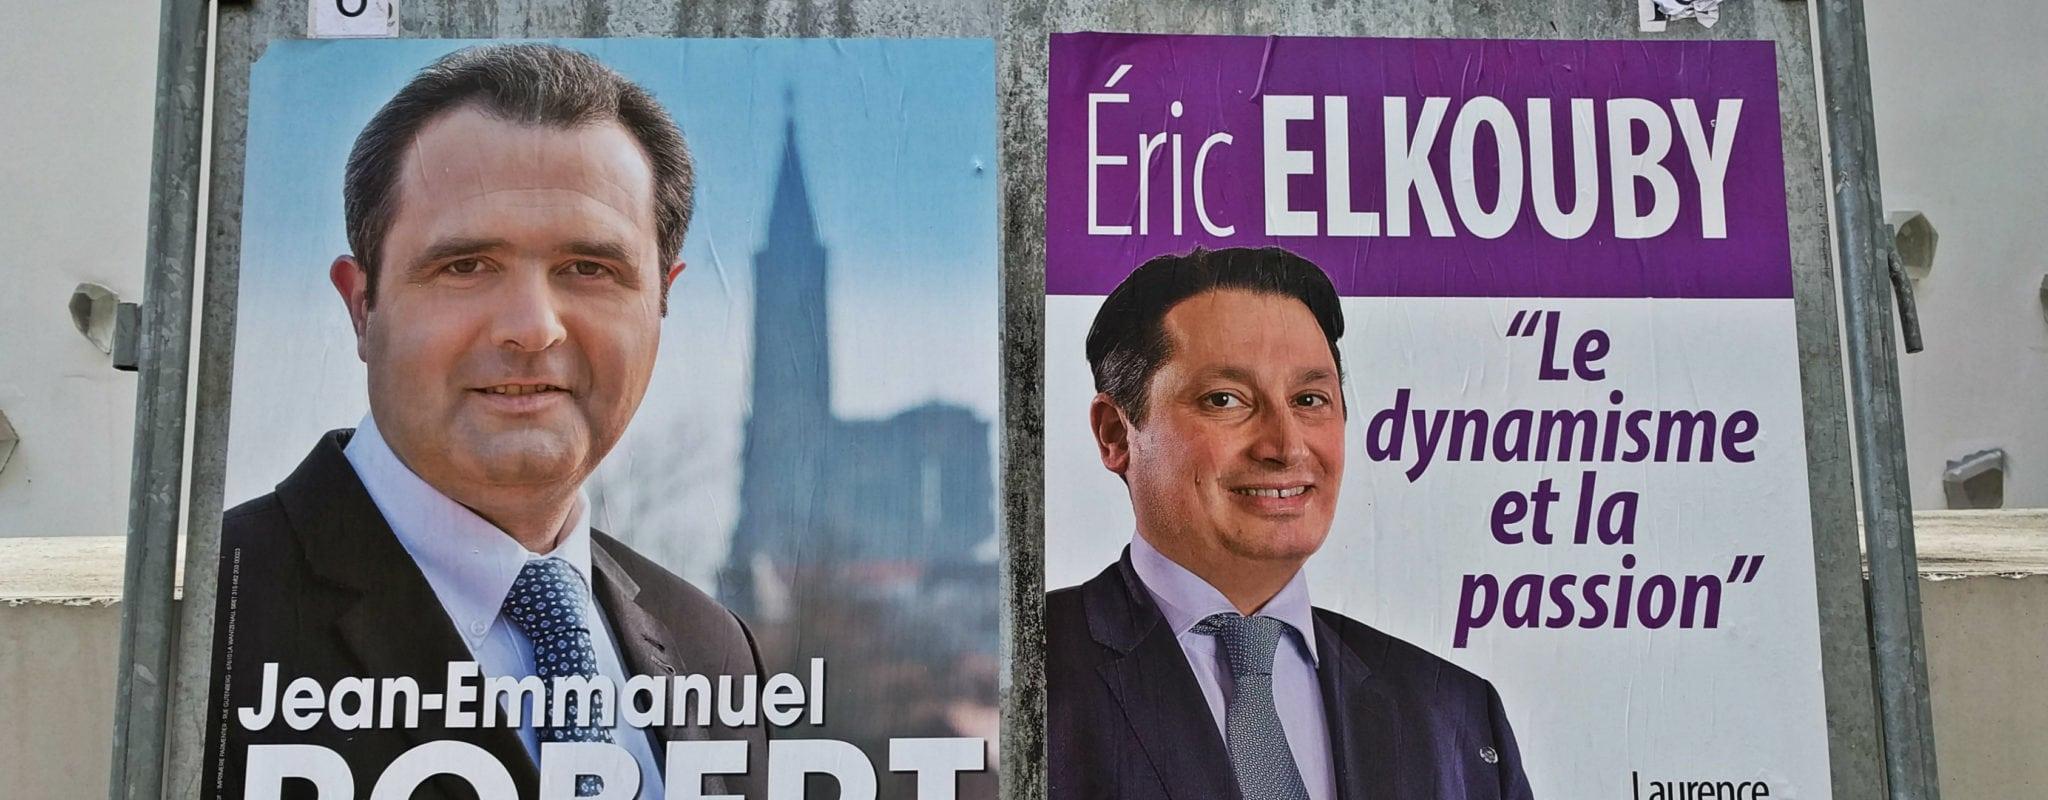 Législative partielle : Strasbourg se choisit un nouveau député